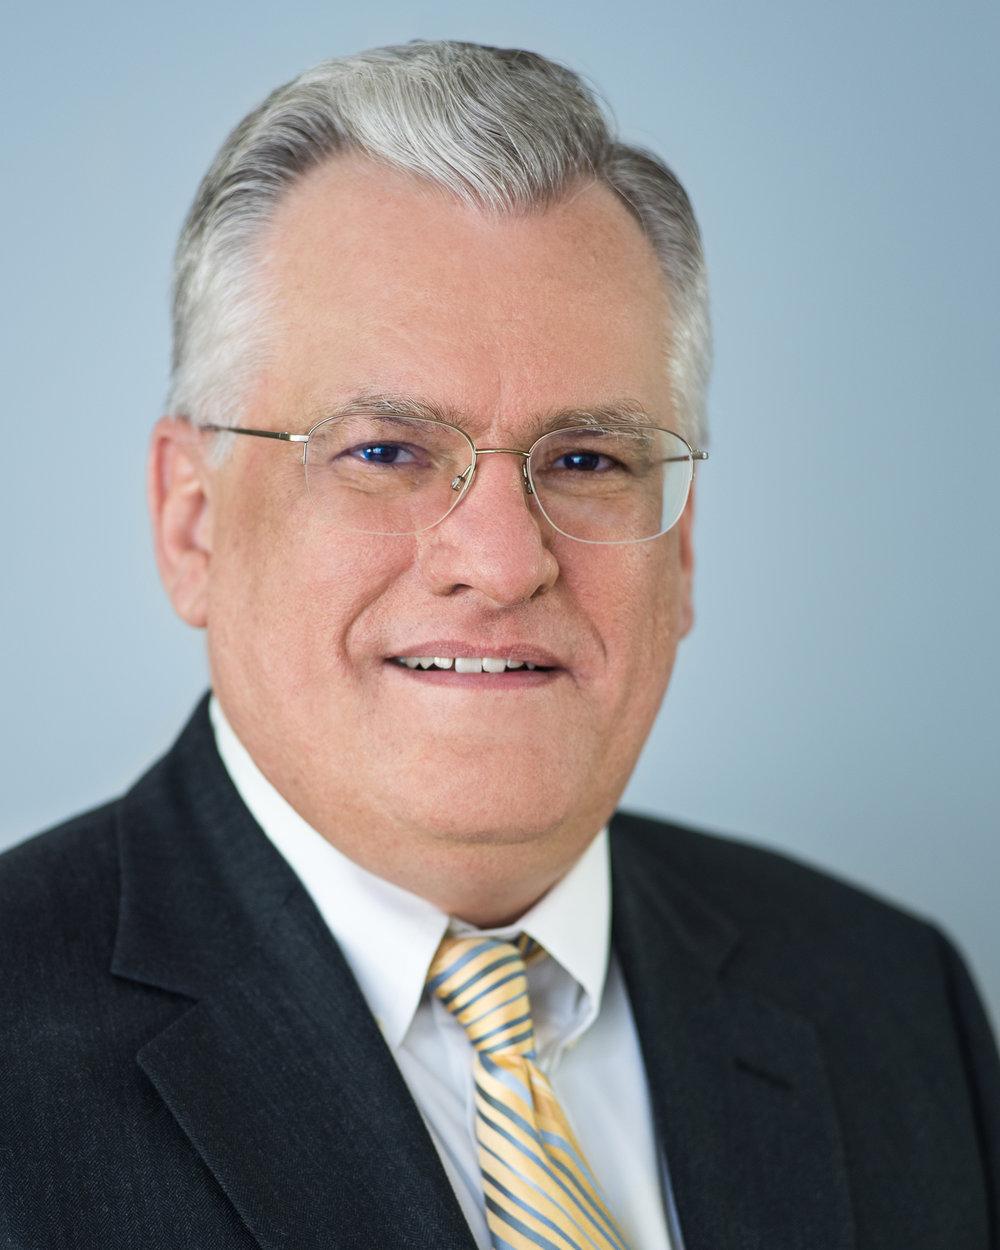 John Neese | Founder of Strategic Angel Care Ministry -